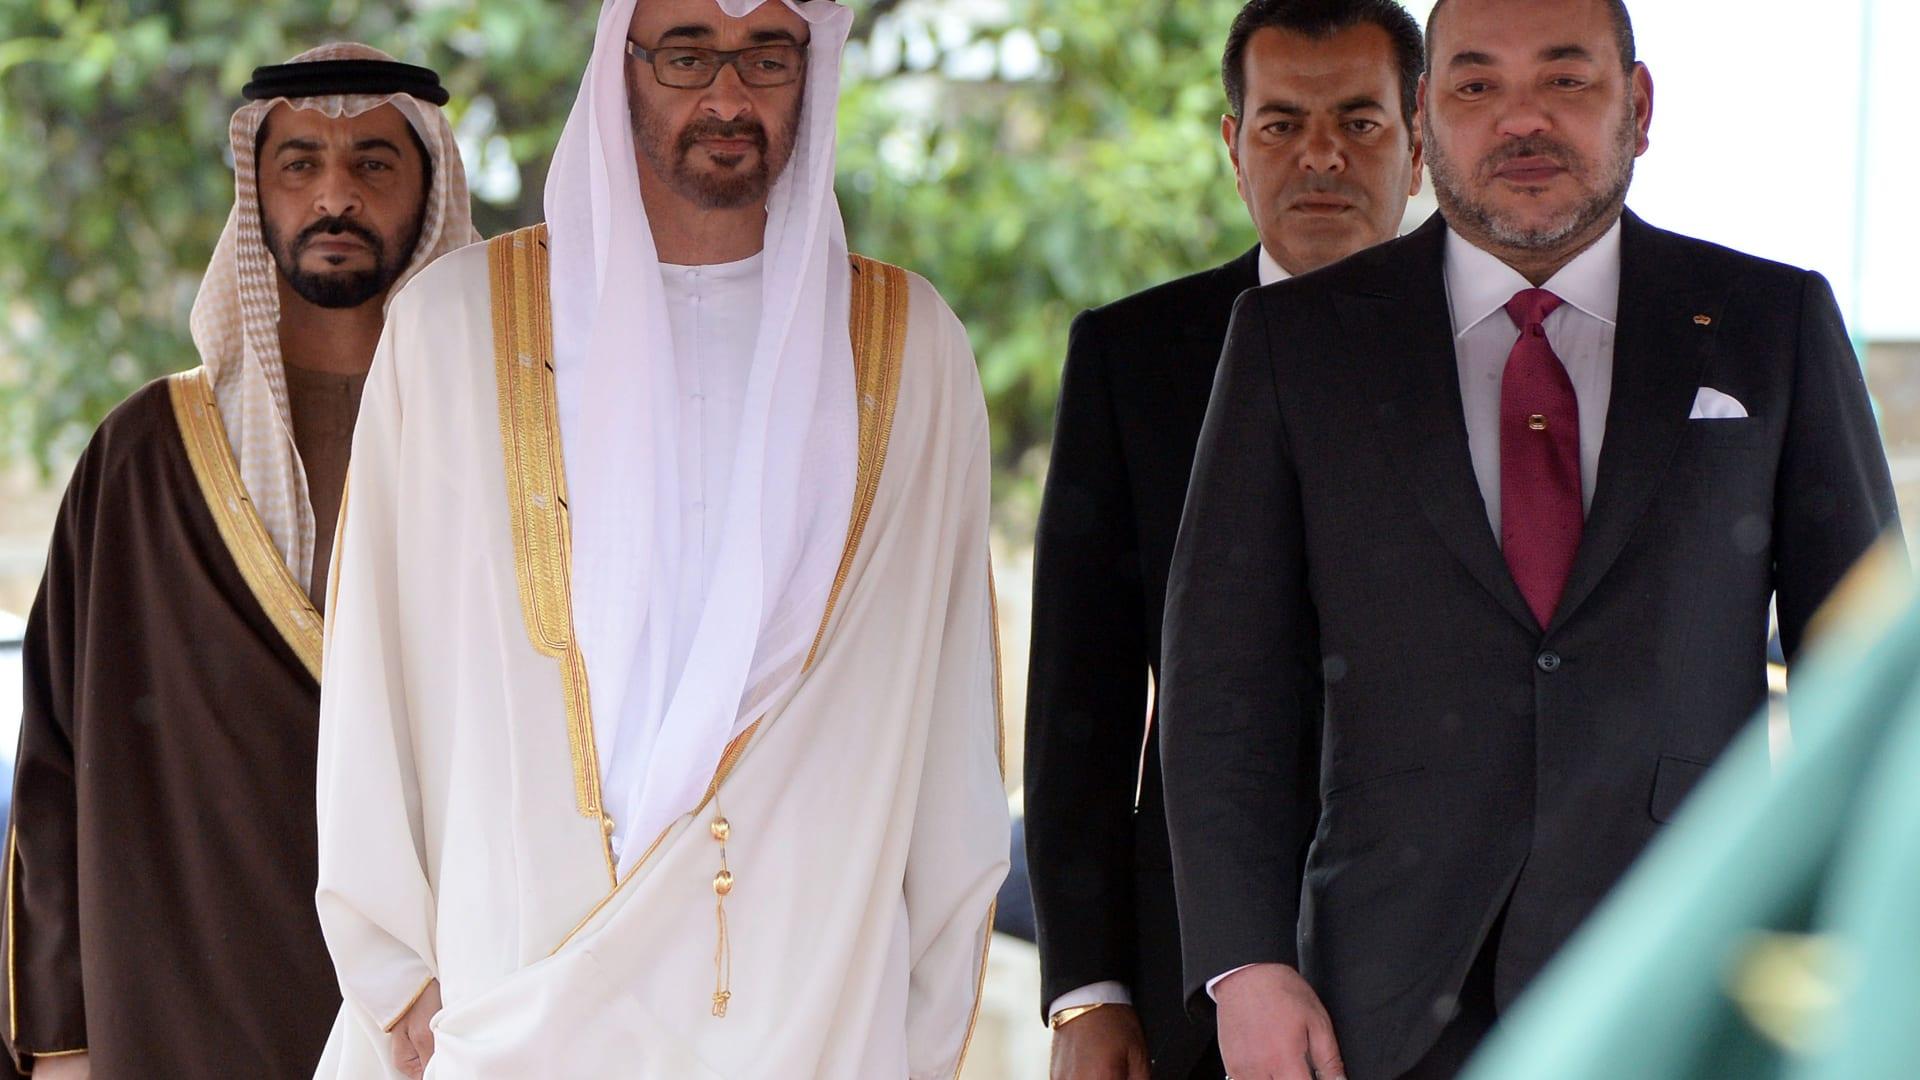 محمد بن زايد: استئناف المغرب علاقاتها مع إسرائيل خطوة سيادية تعزز استقرار المنطقة